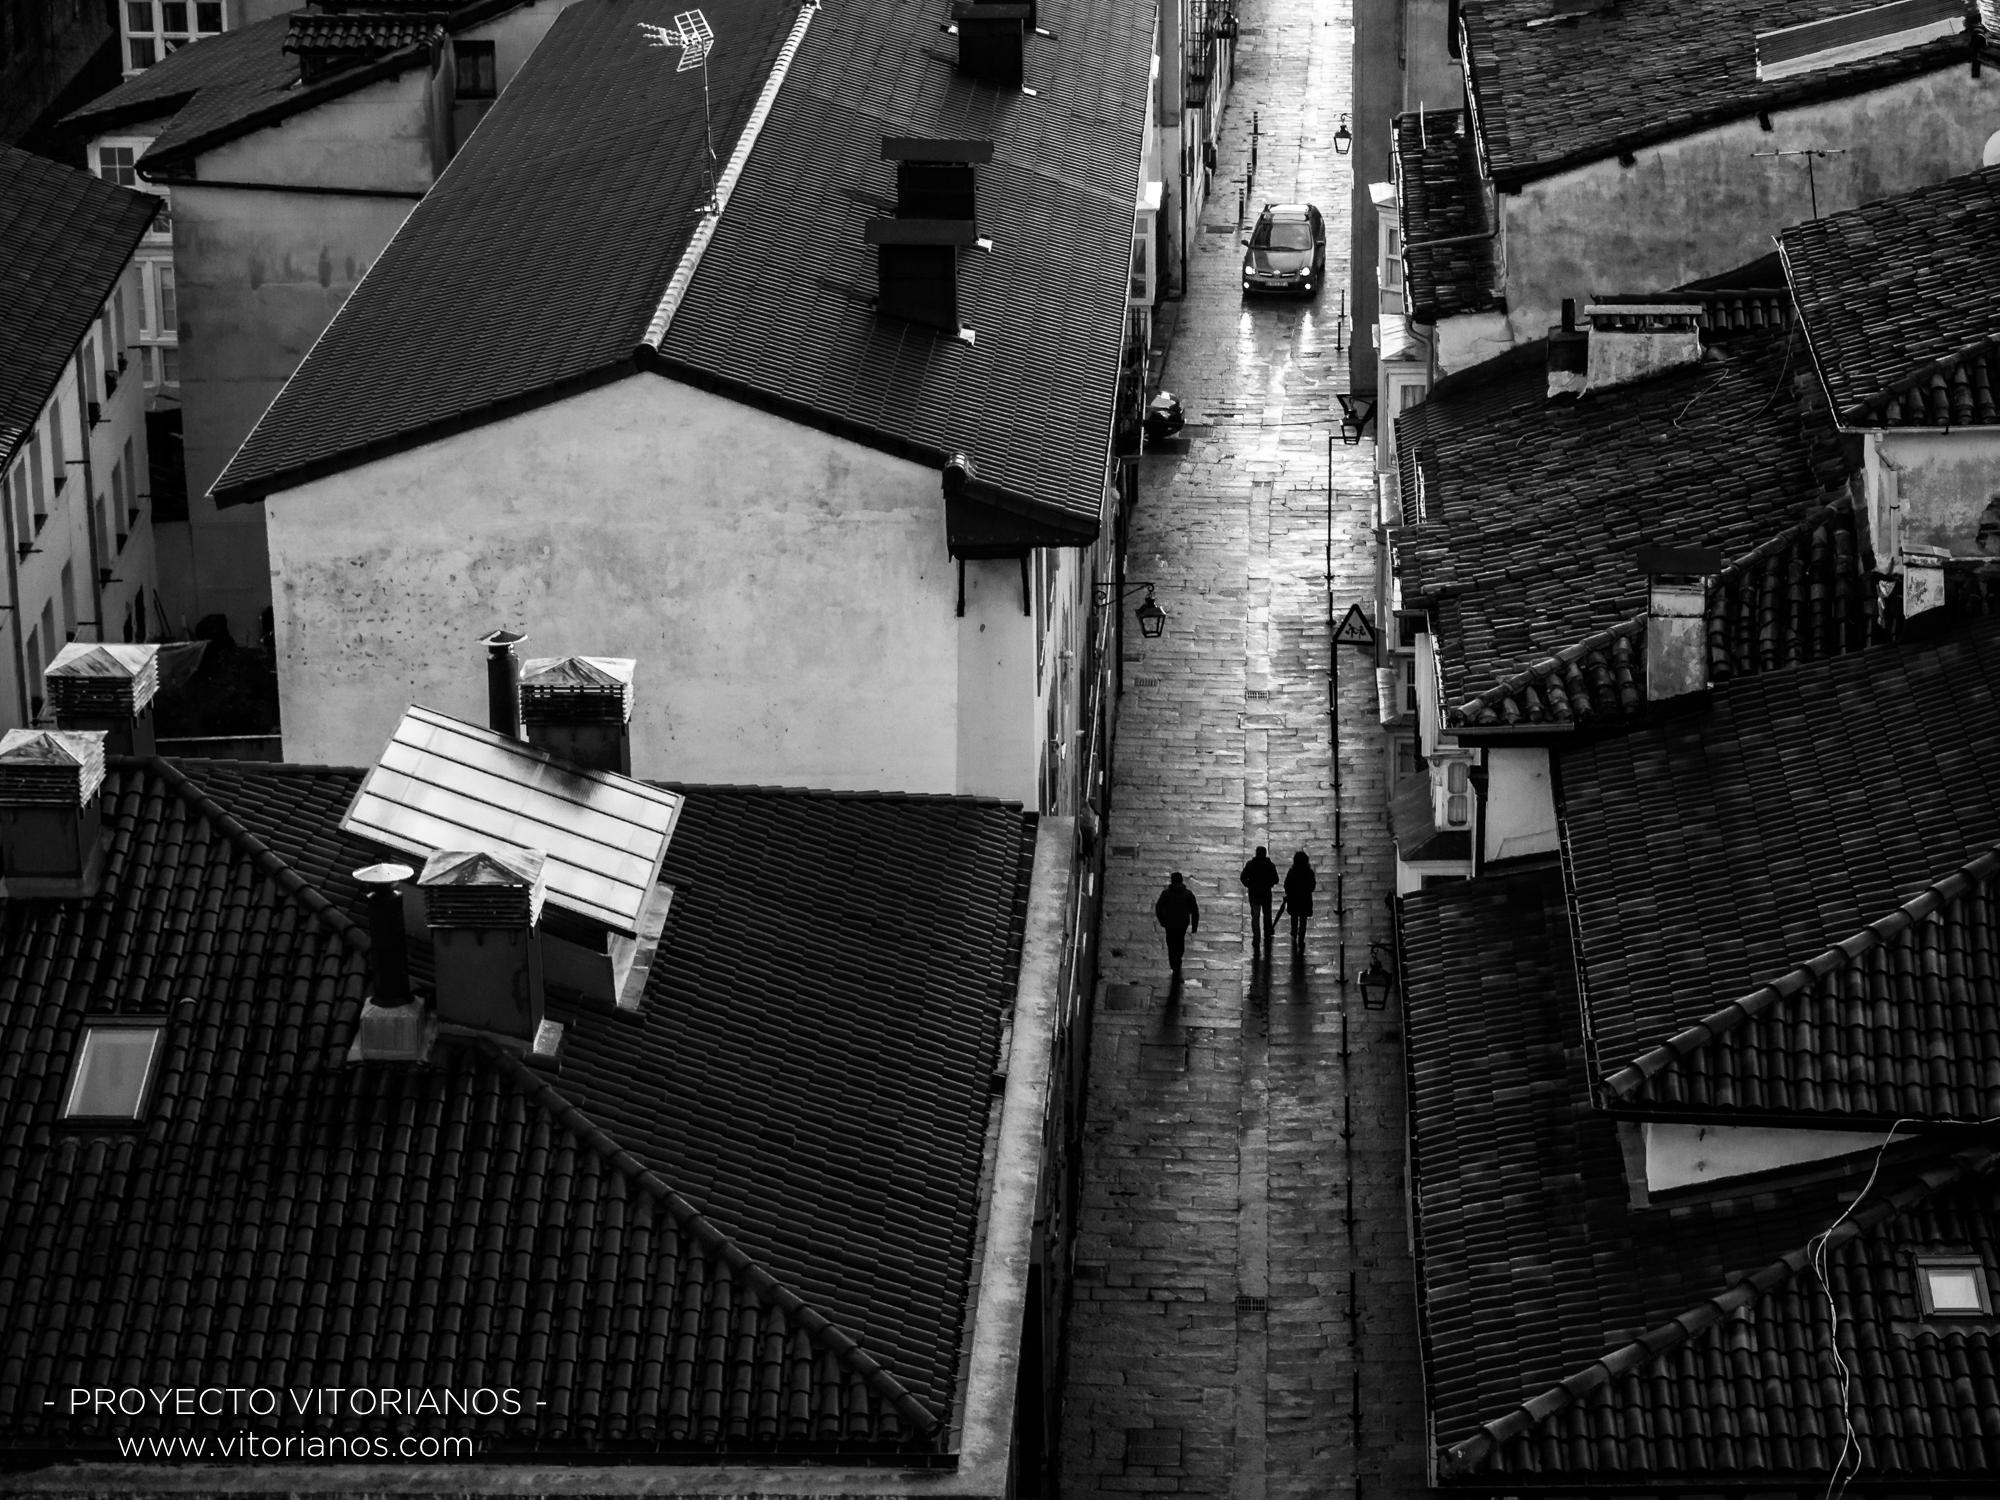 Vista de la calle  Santa María - Foto Adolfo Carrero